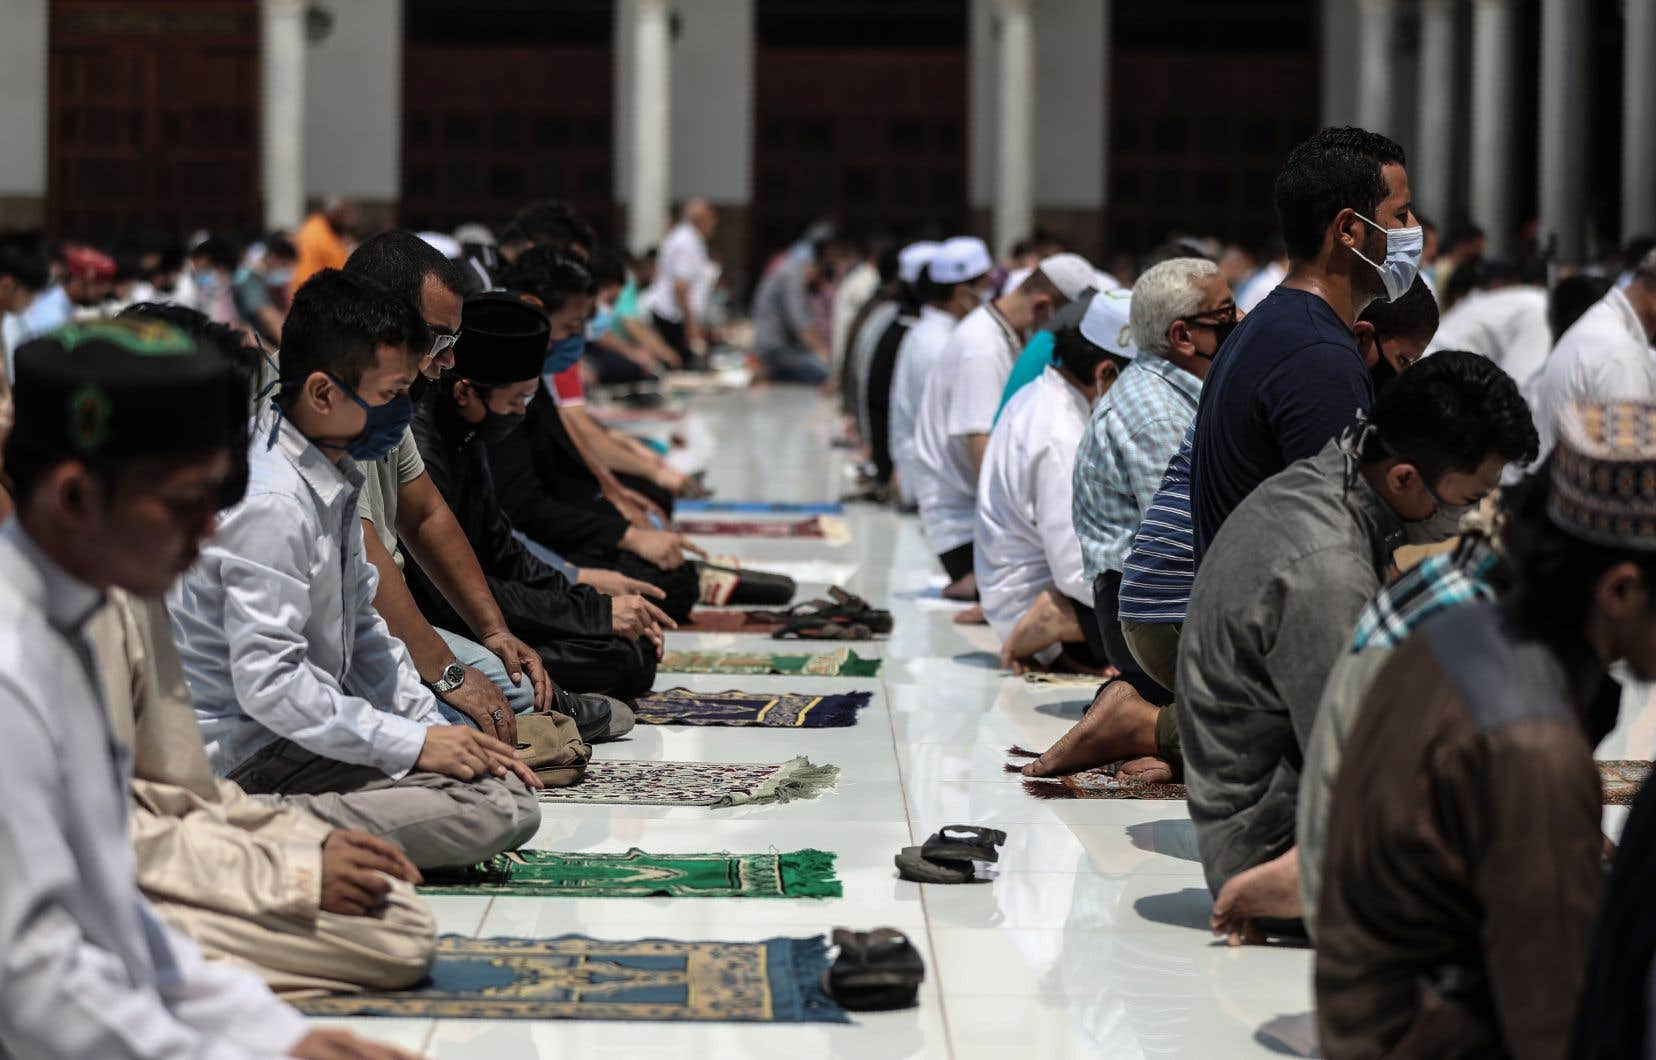 L'institution islamique sunnite Al-Azhar,basée auCaire,«rejette vivement les déclarations du président français, Emmanuel Macron», qu'il qualifie de «fausses accusations envers l'islam».